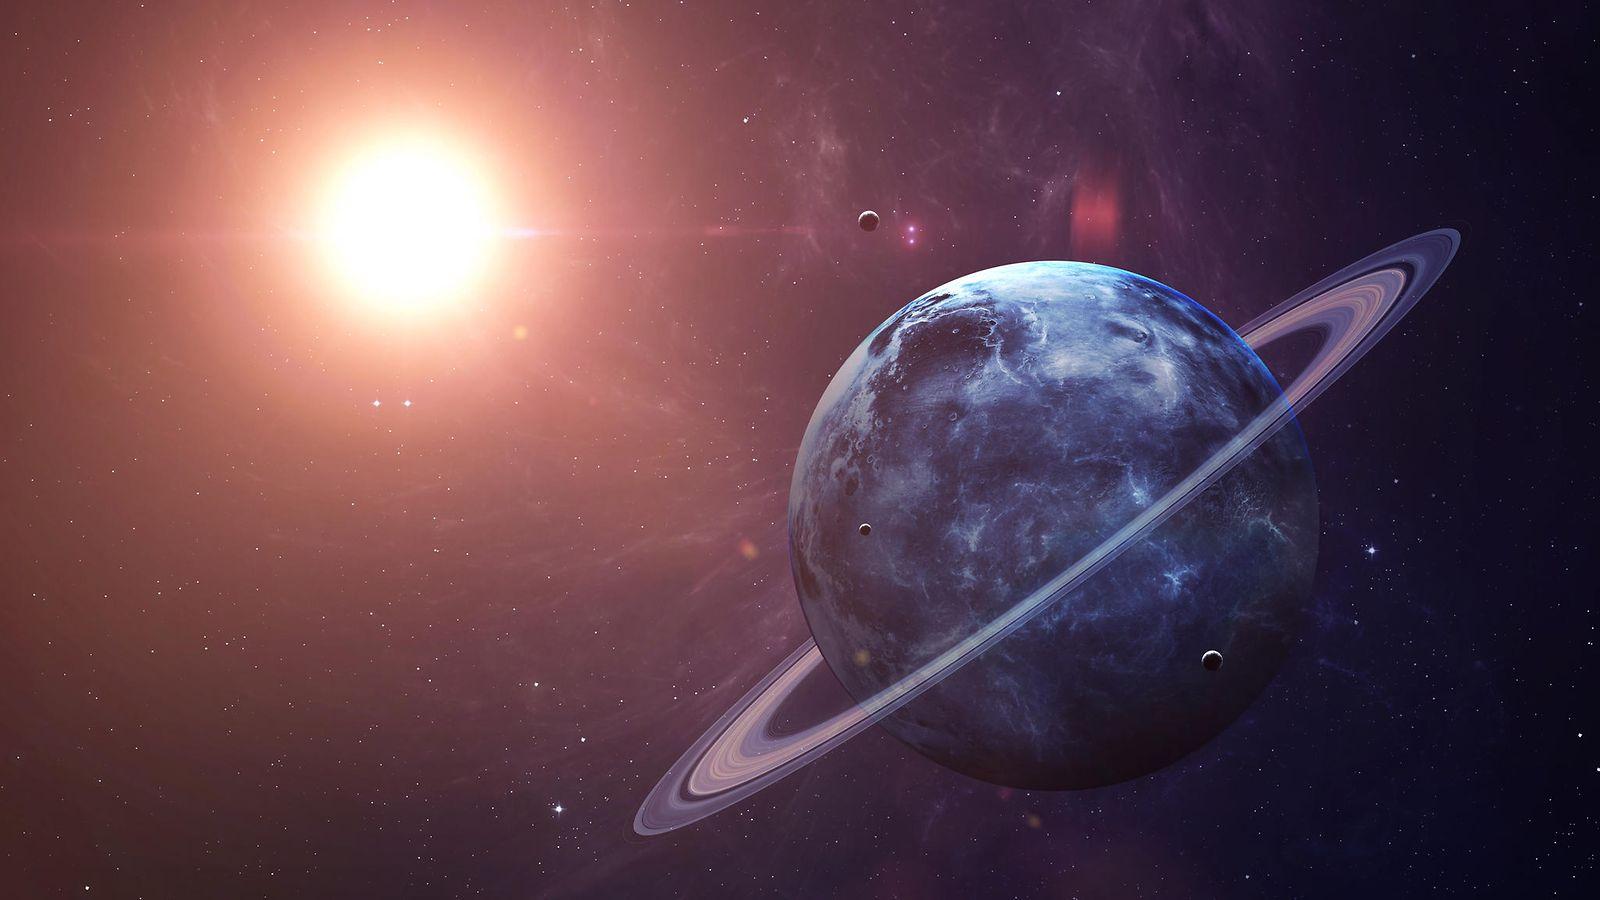 uranus planet images - 1200×630